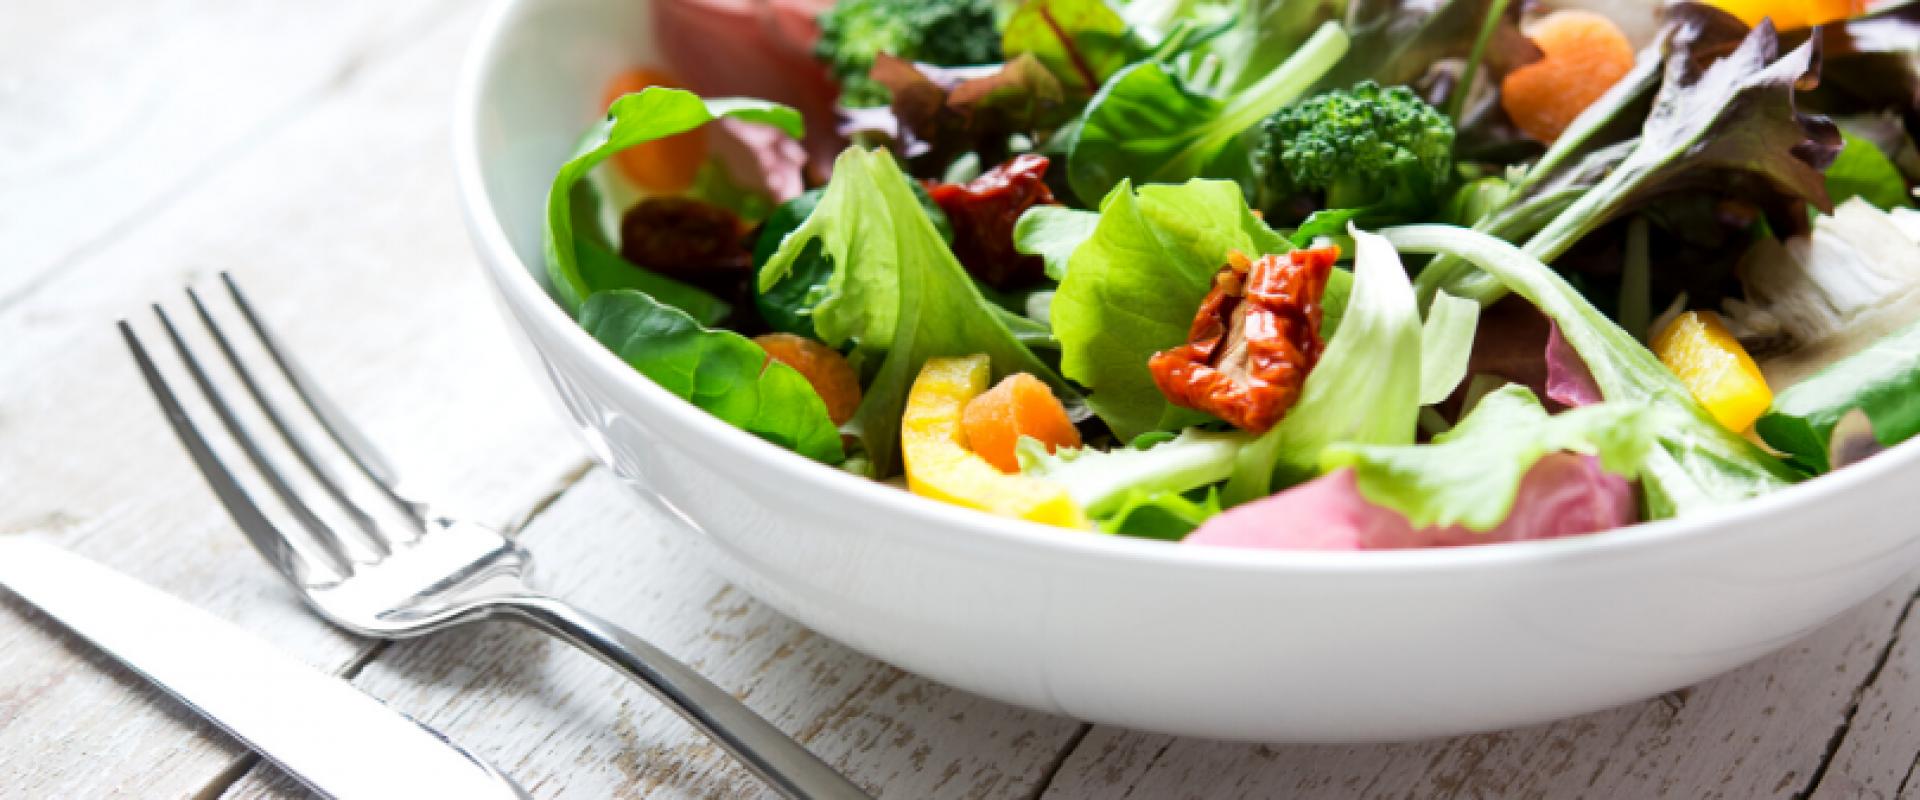 Aprenda a montar uma salada deliciosa!